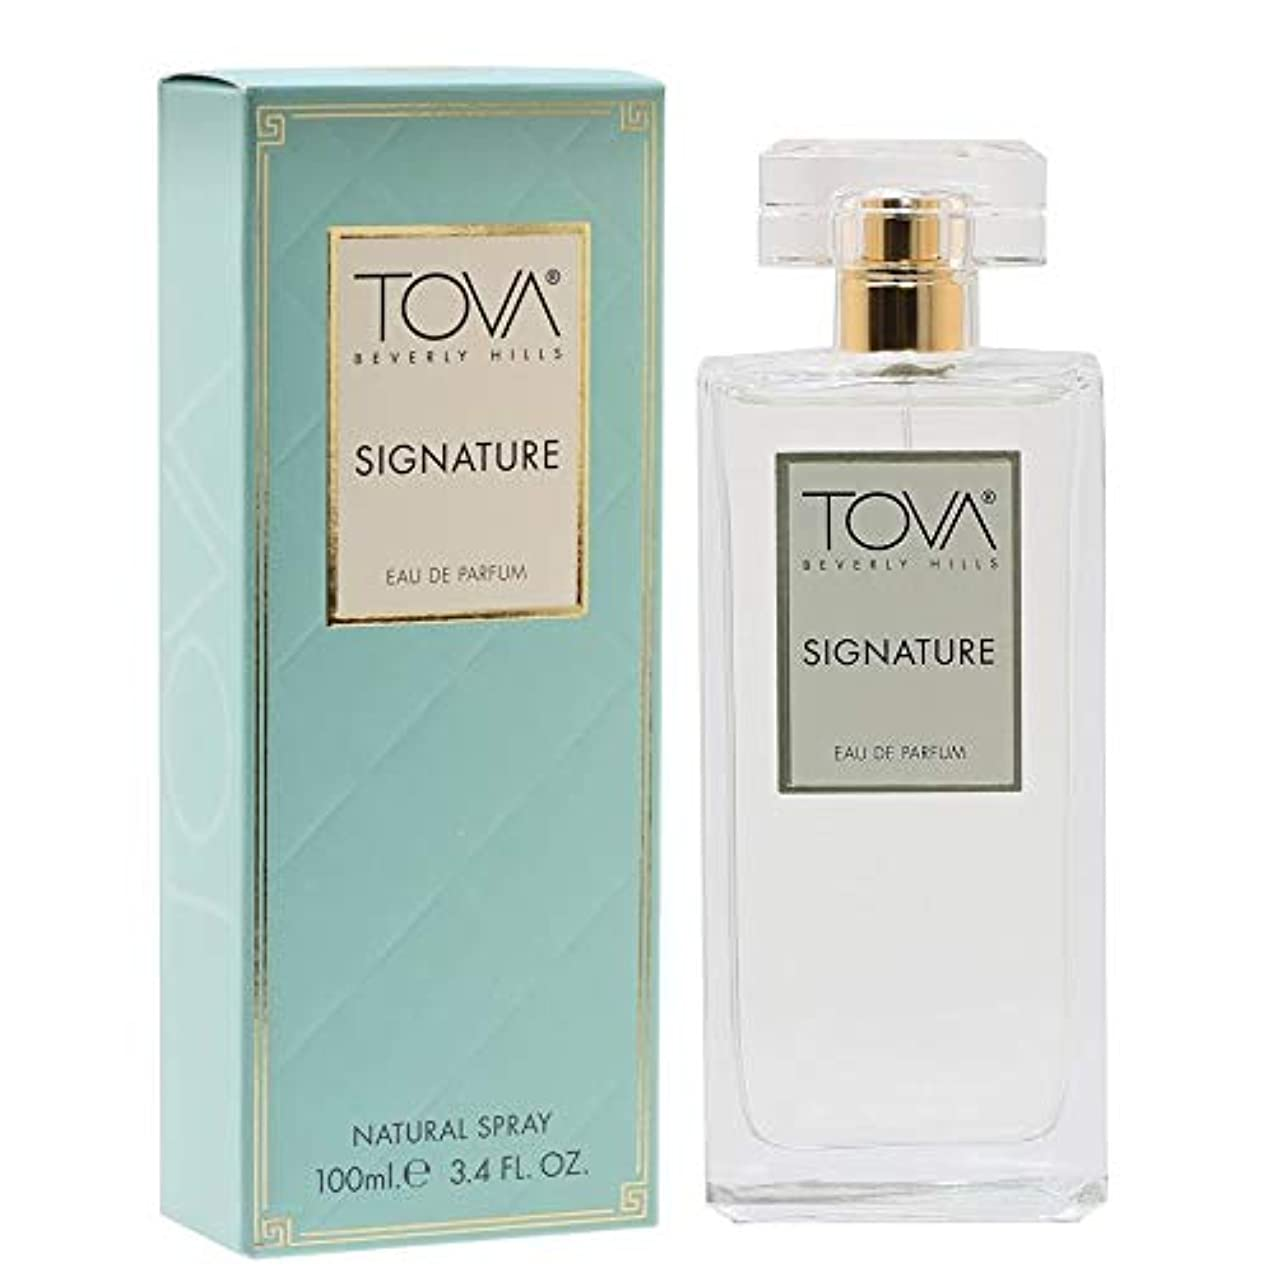 照らす水分社会科Tova Signature Fragrance (トヴァ シグネチャ- フレグランス) 3.4 oz (100ml) EDP Spray (New Package 新デザイン)